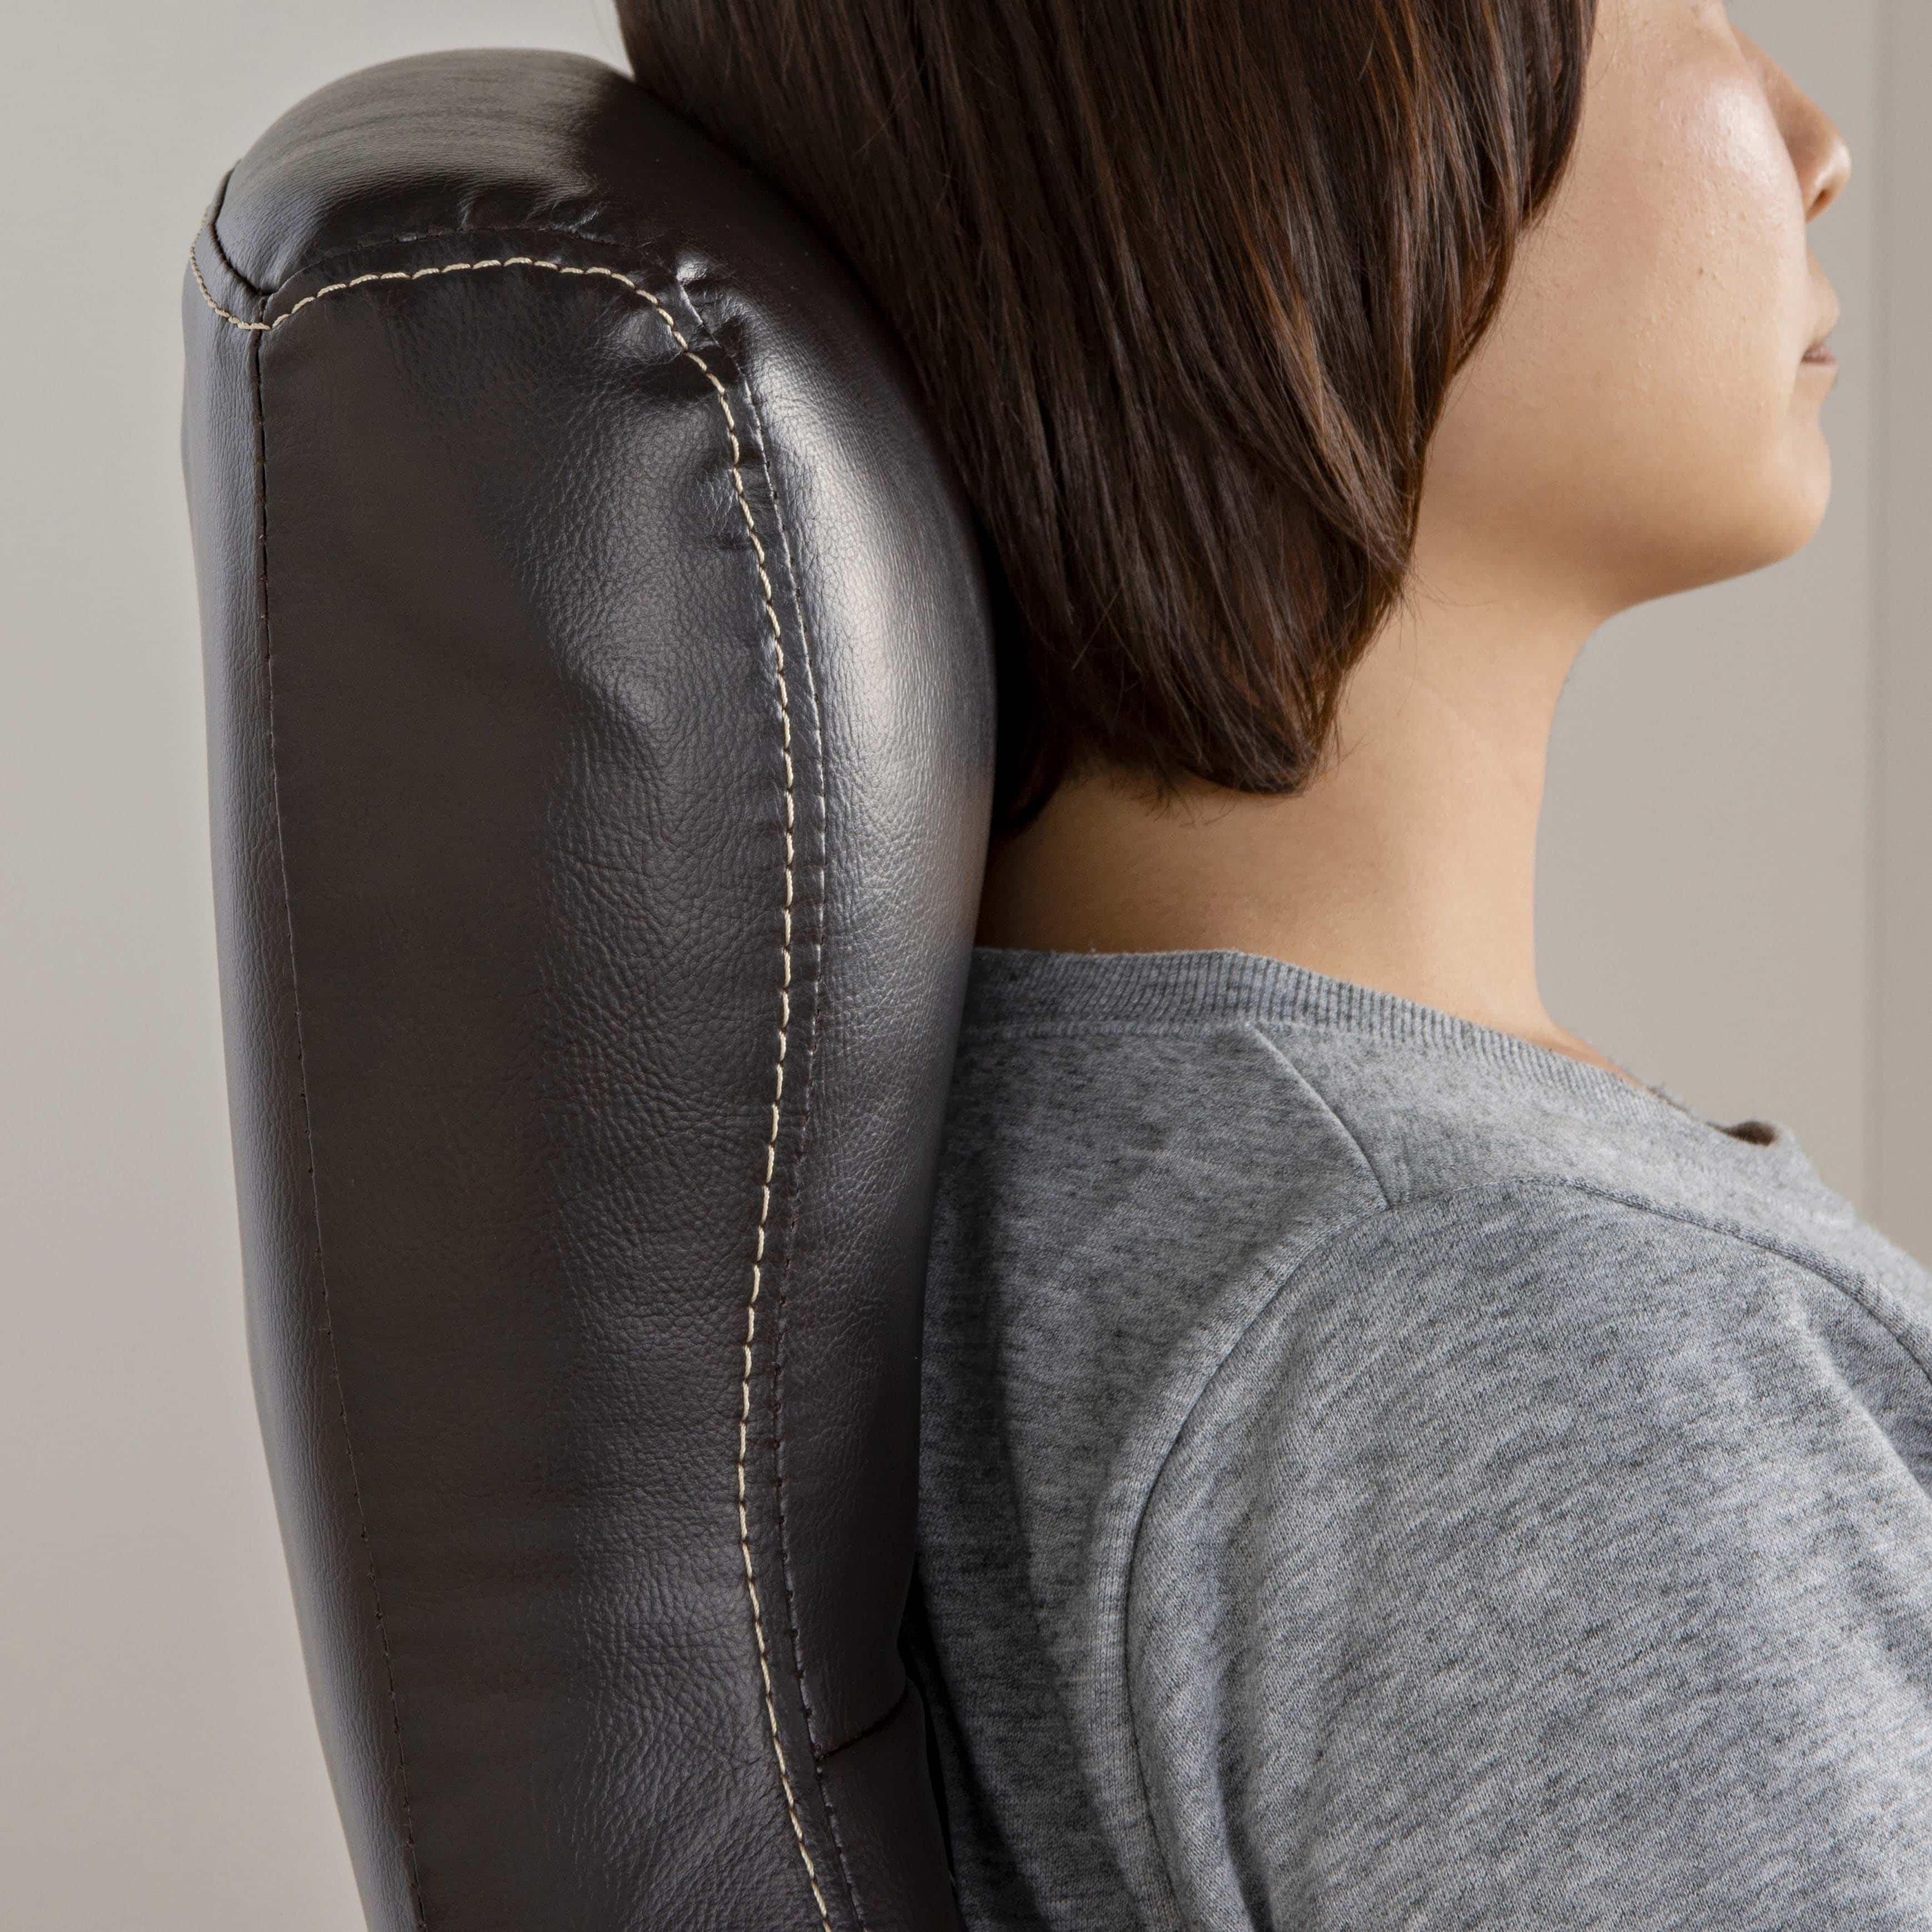 デスクチェア ソレード BK:首まで収まるハイバックデザイン